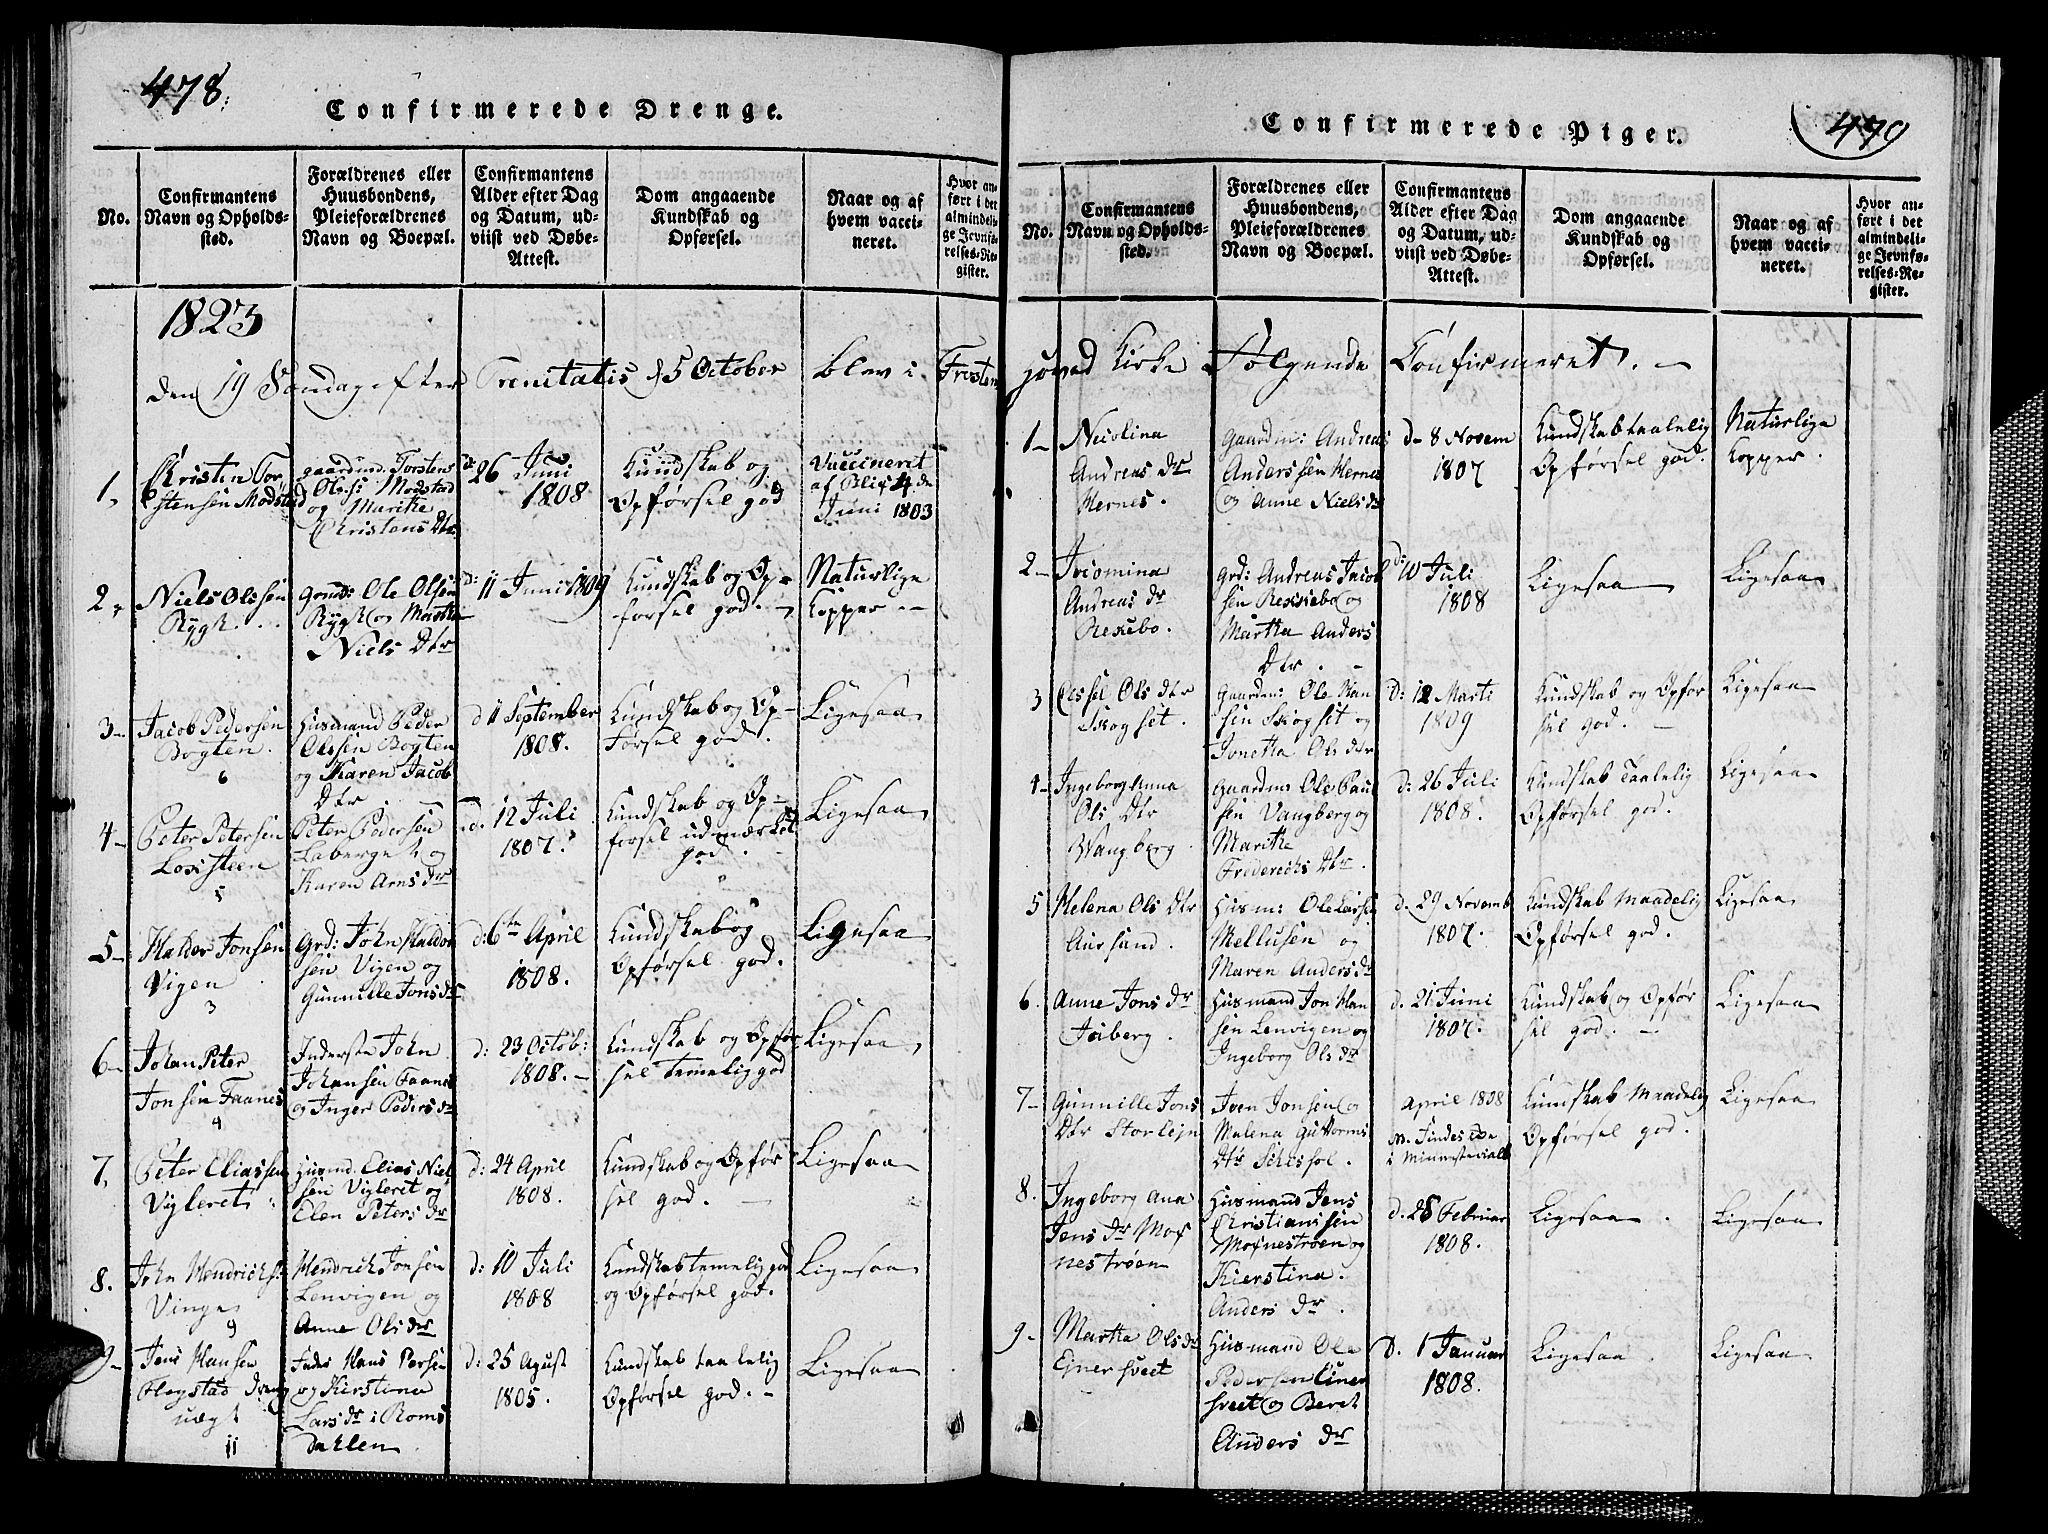 SAT, Ministerialprotokoller, klokkerbøker og fødselsregistre - Nord-Trøndelag, 713/L0124: Klokkerbok nr. 713C01, 1817-1827, s. 478-479